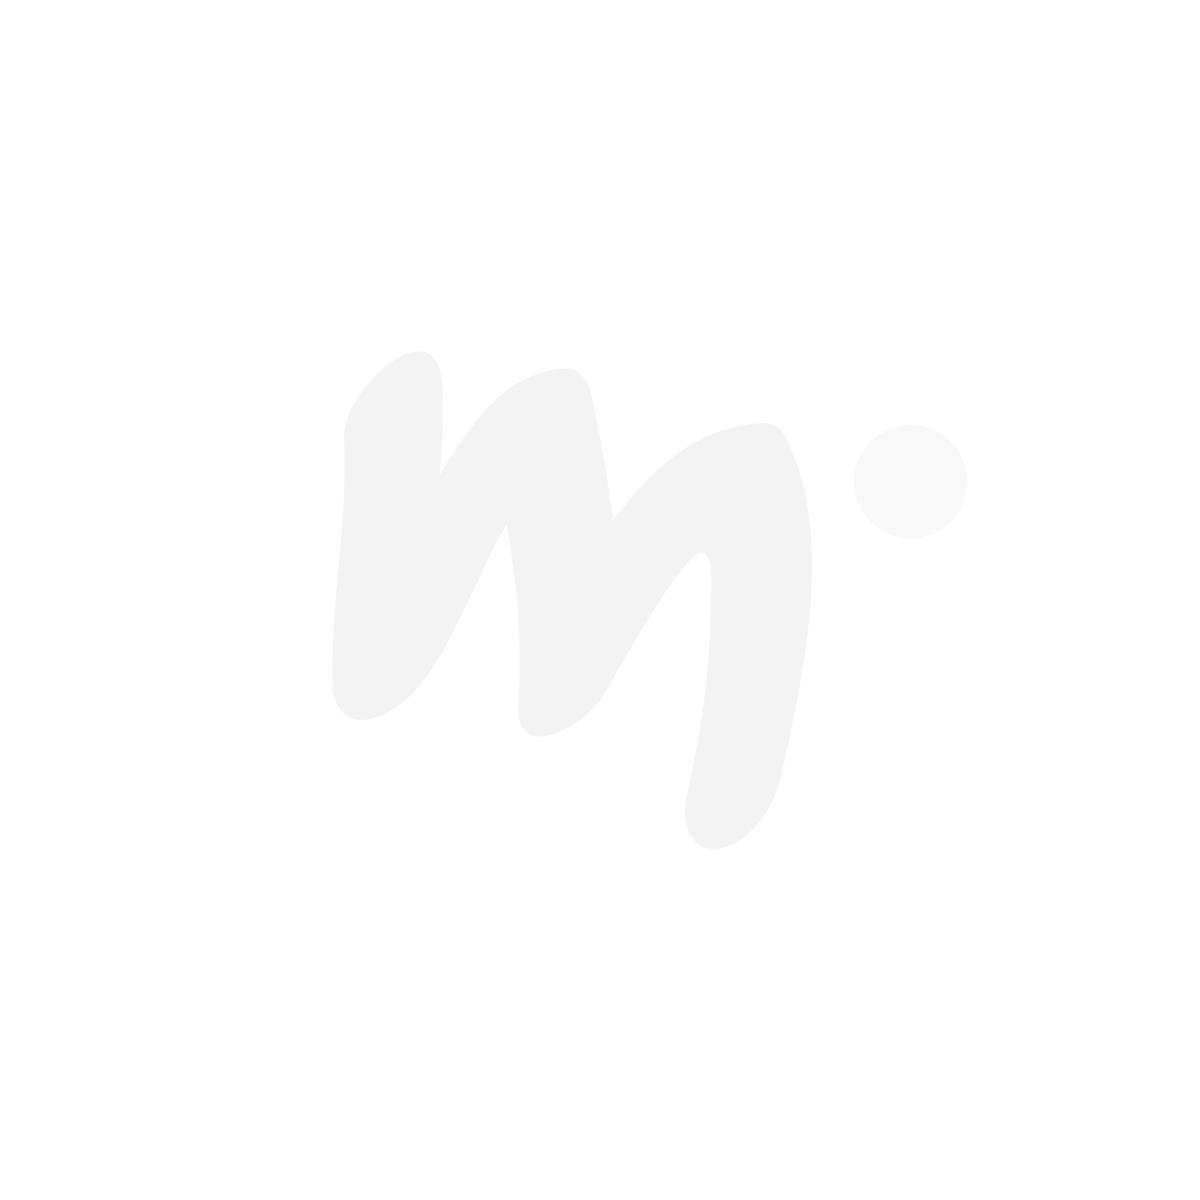 Peppi Pitkätossu Huvikummussa-mekko keltainen